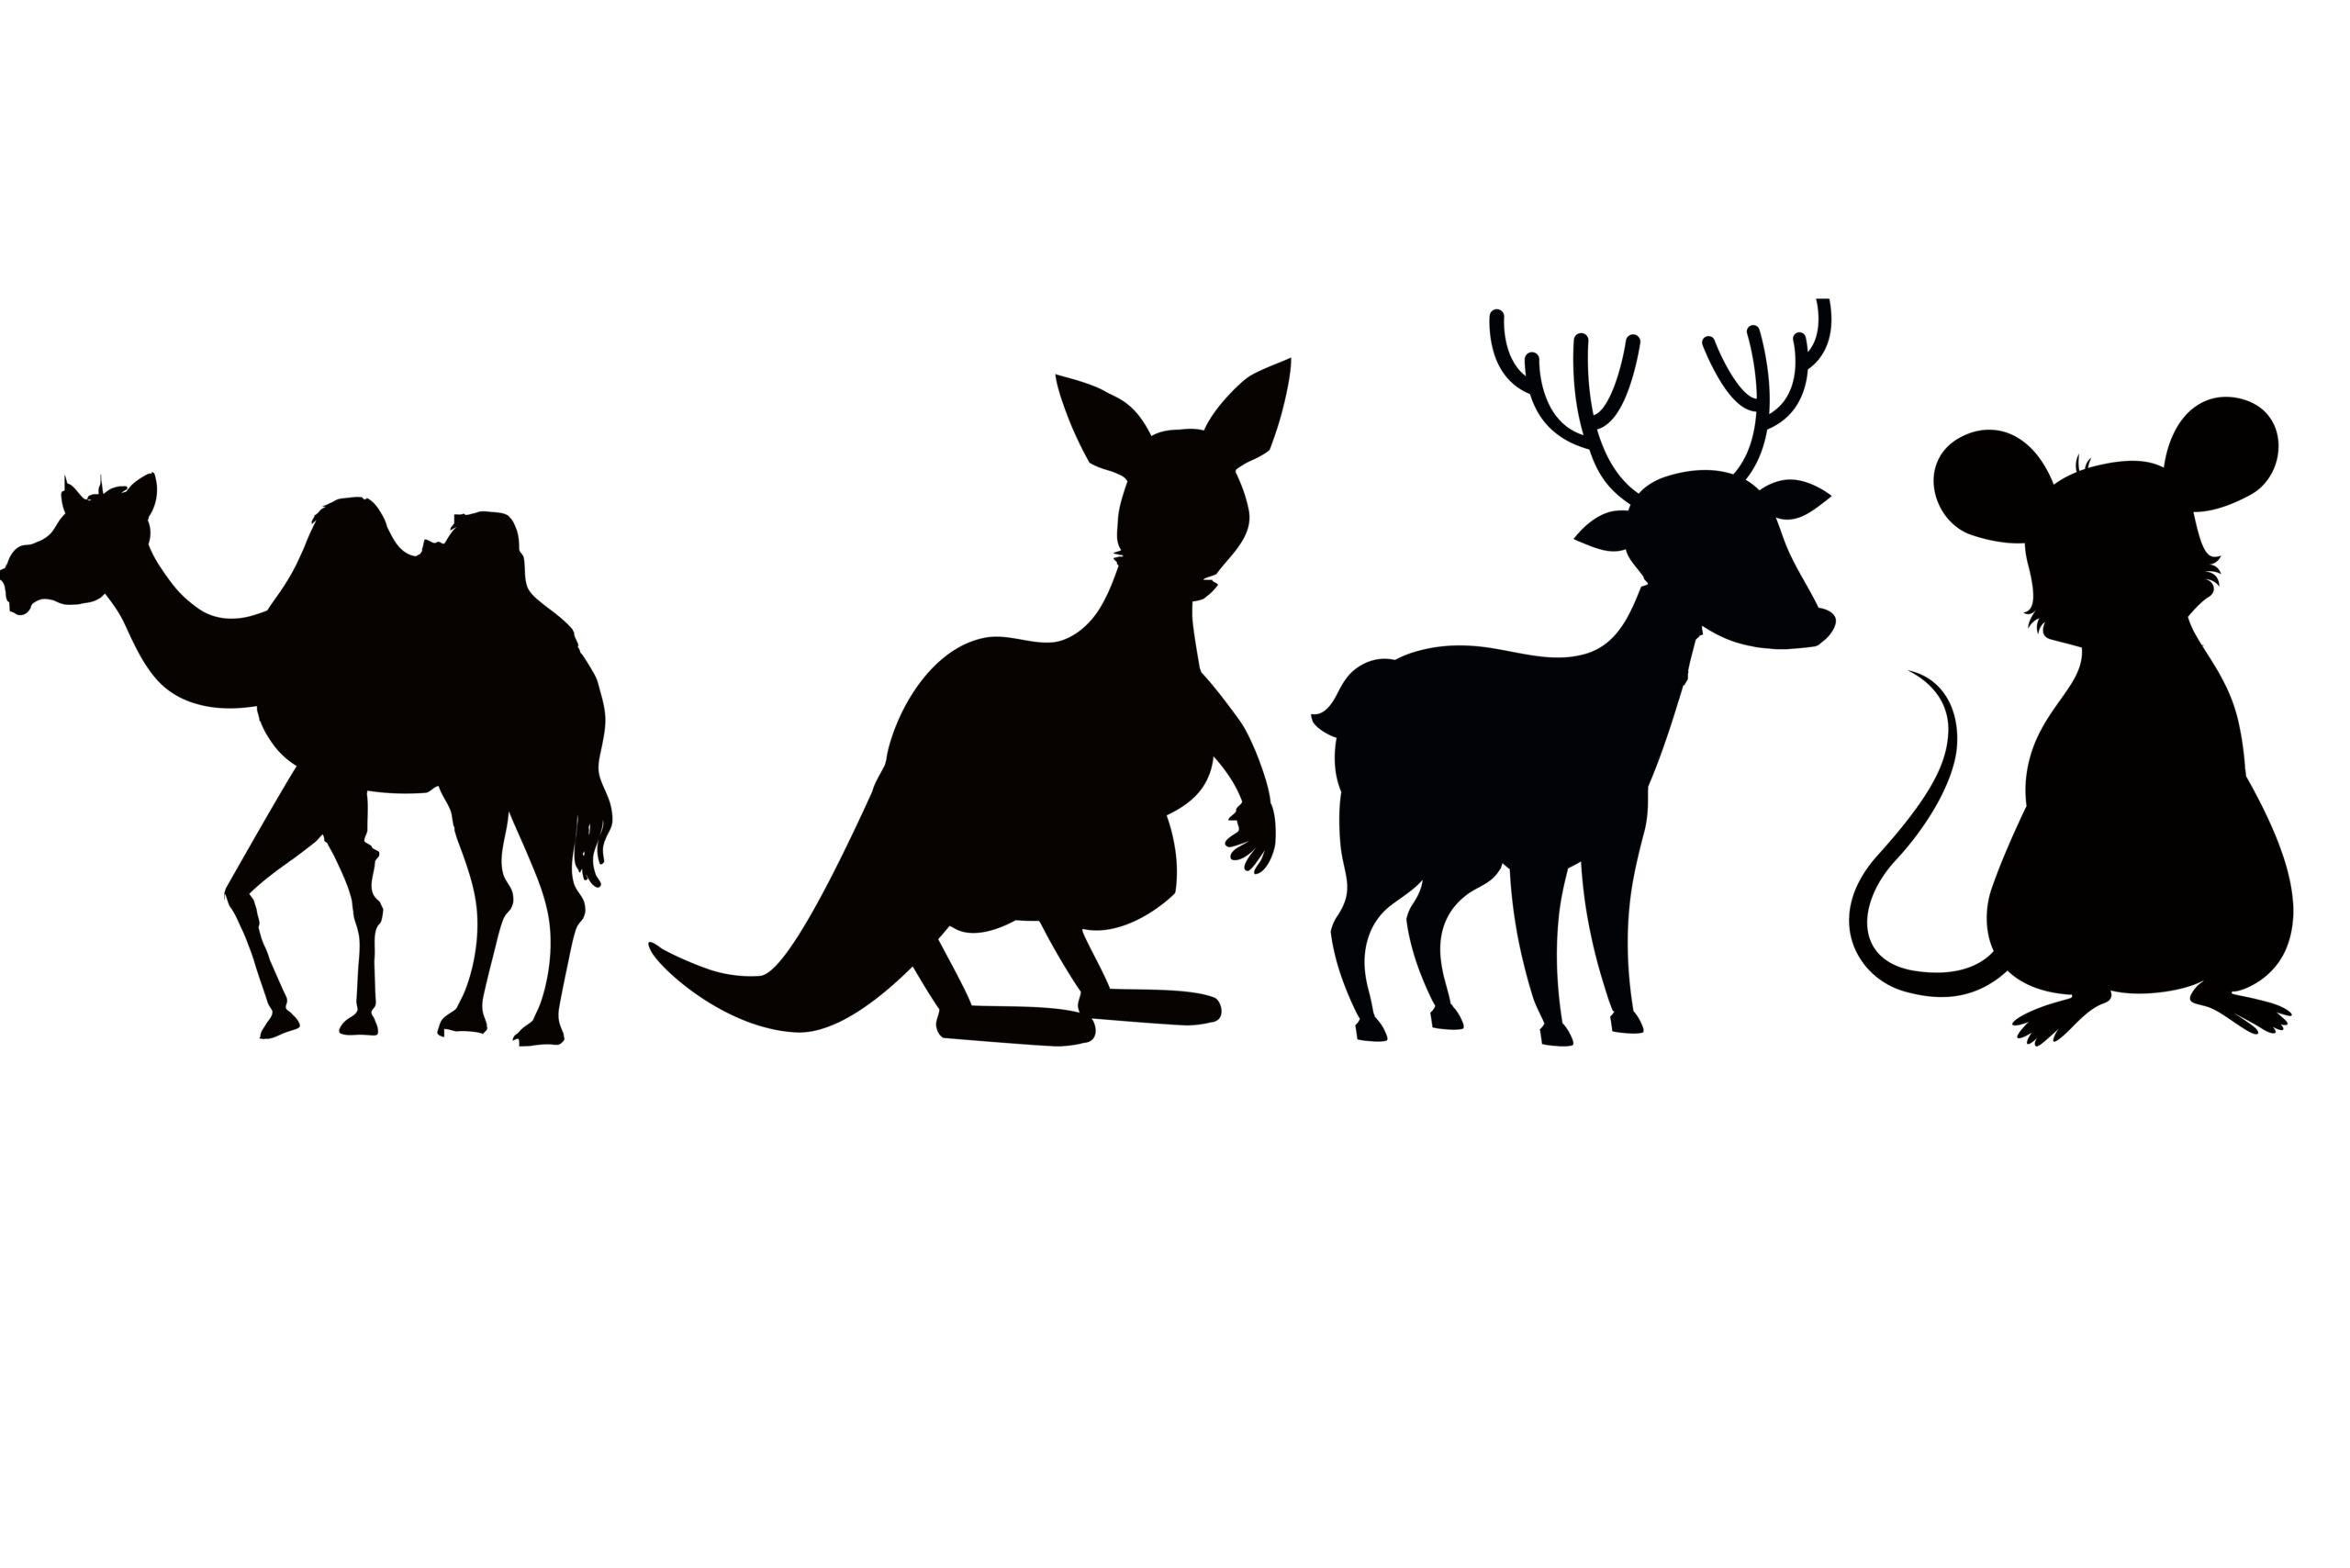 Komplet naklejek zwierzęta wielbłąd 4 szt 45cm  x 15cm